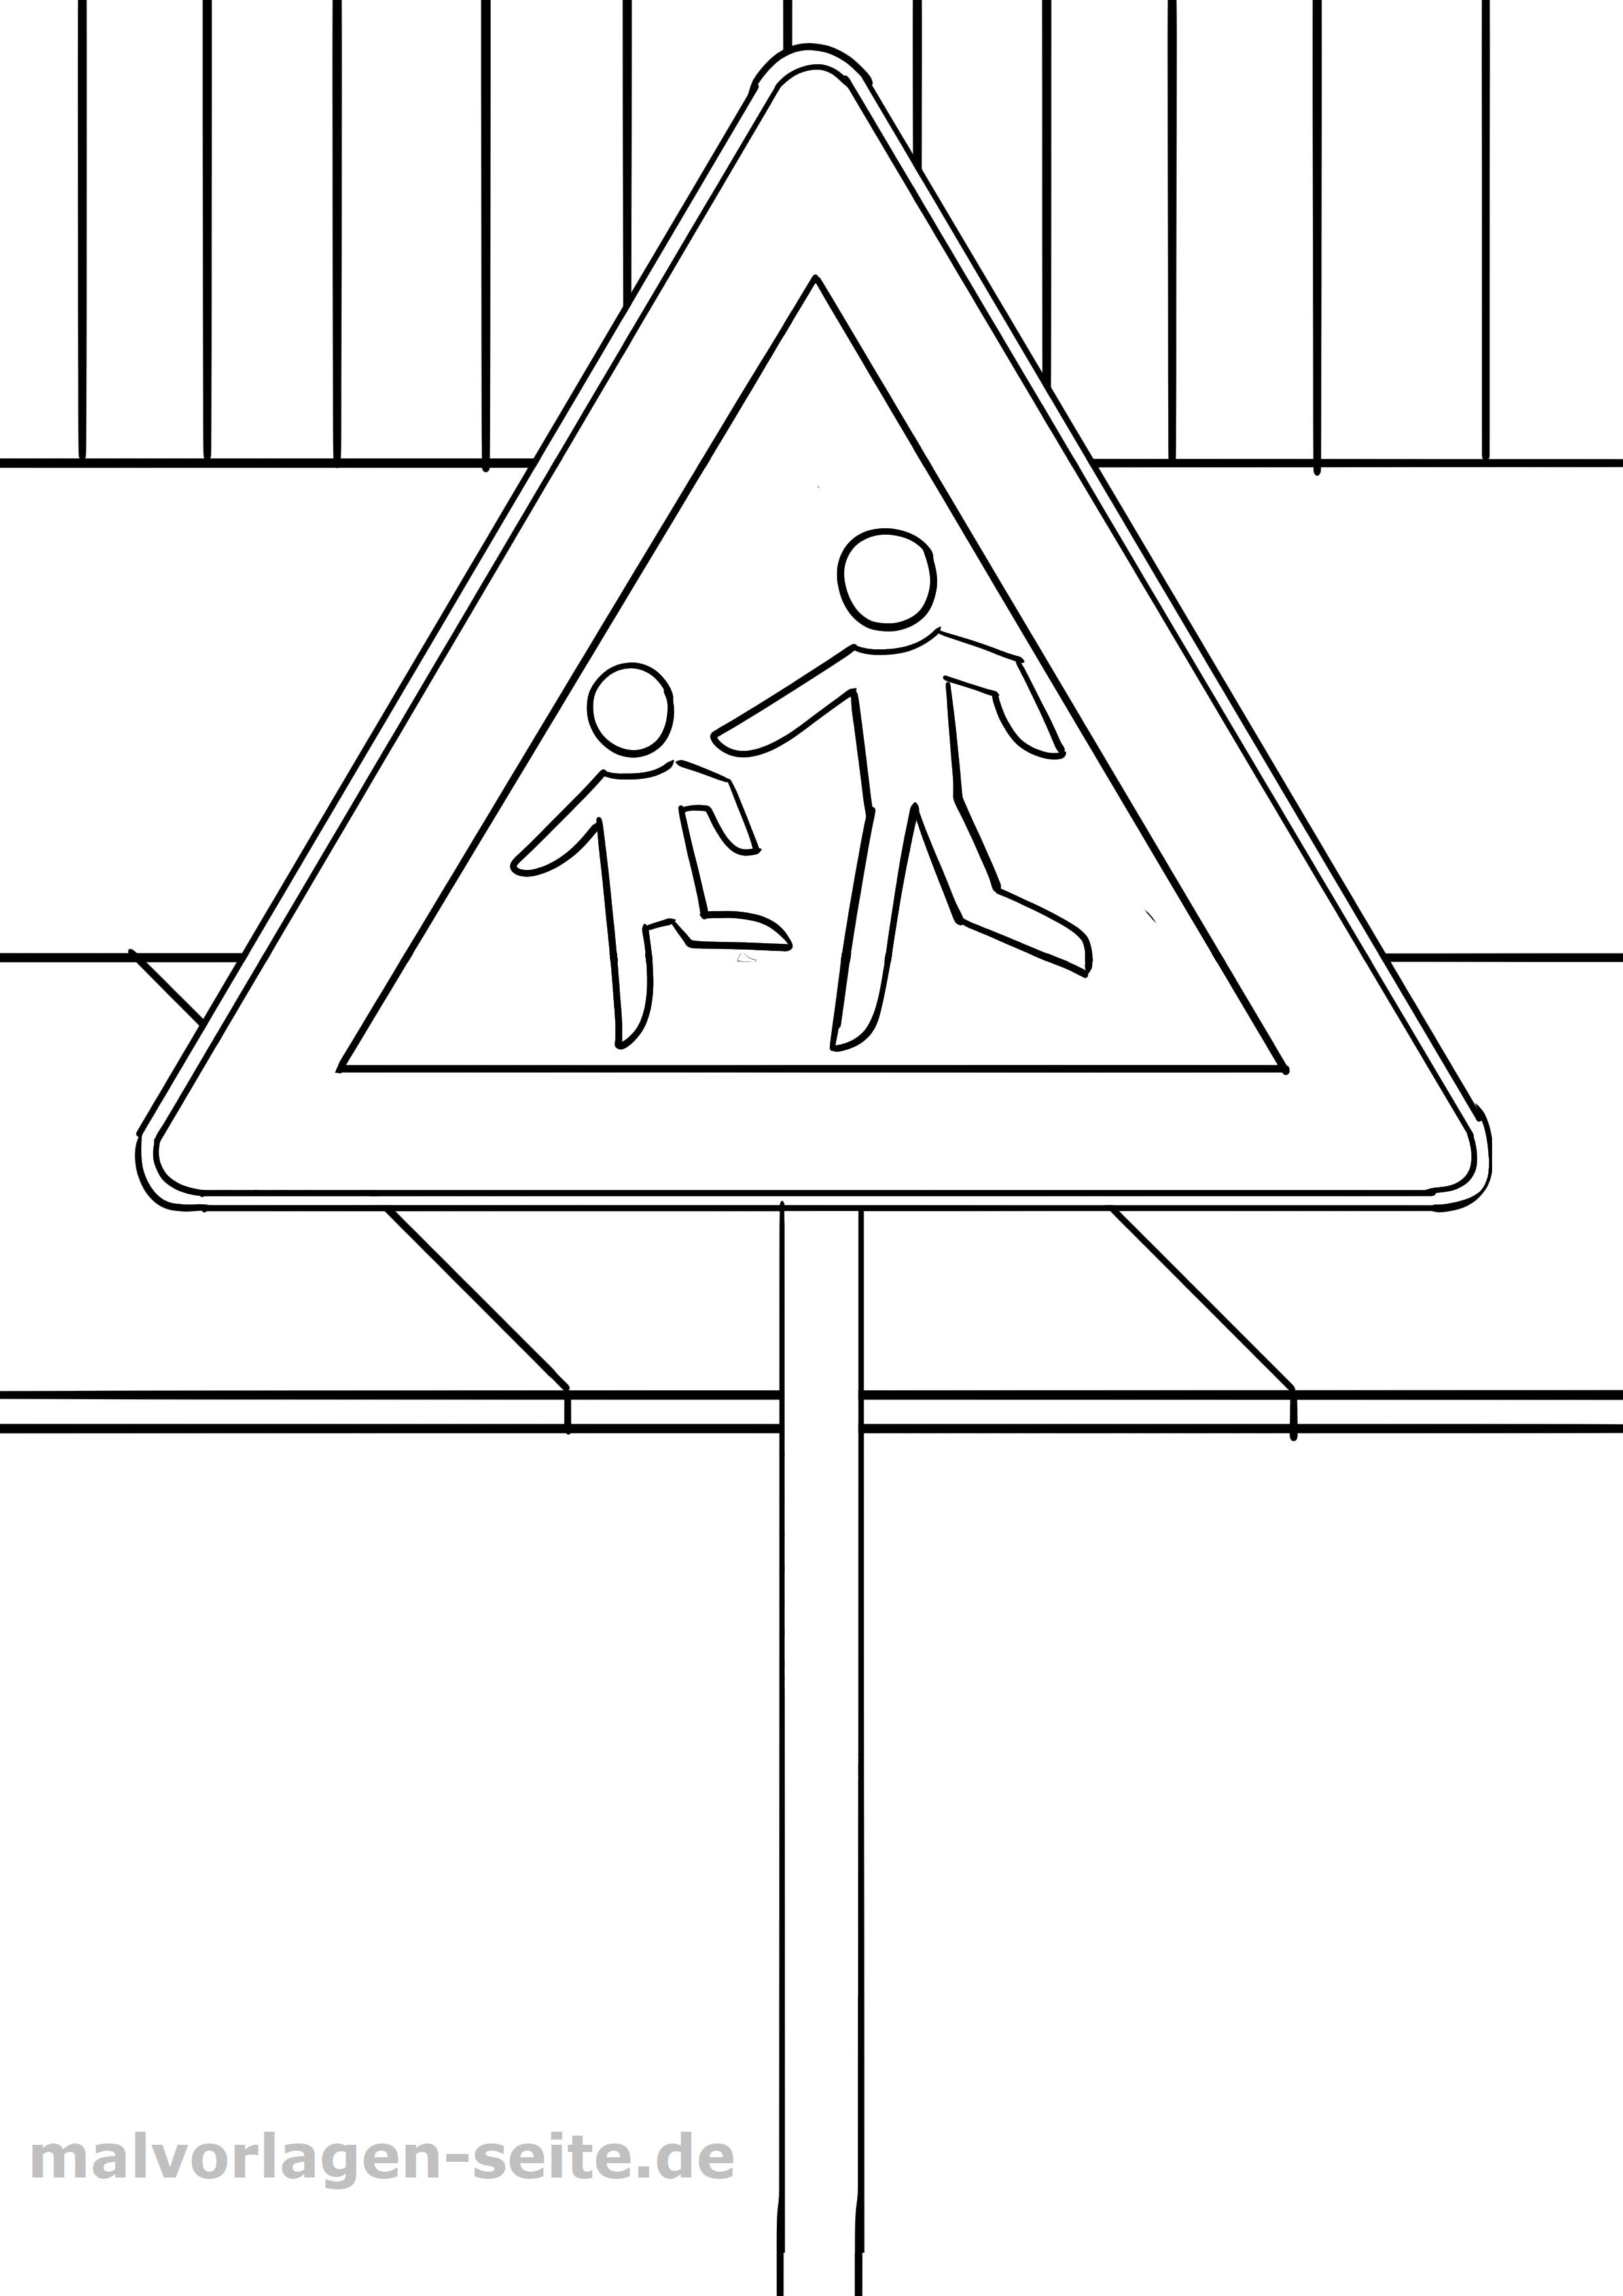 Verkehrszeichen Kinder Malvorlage - Kostenlose Ausmalbilder